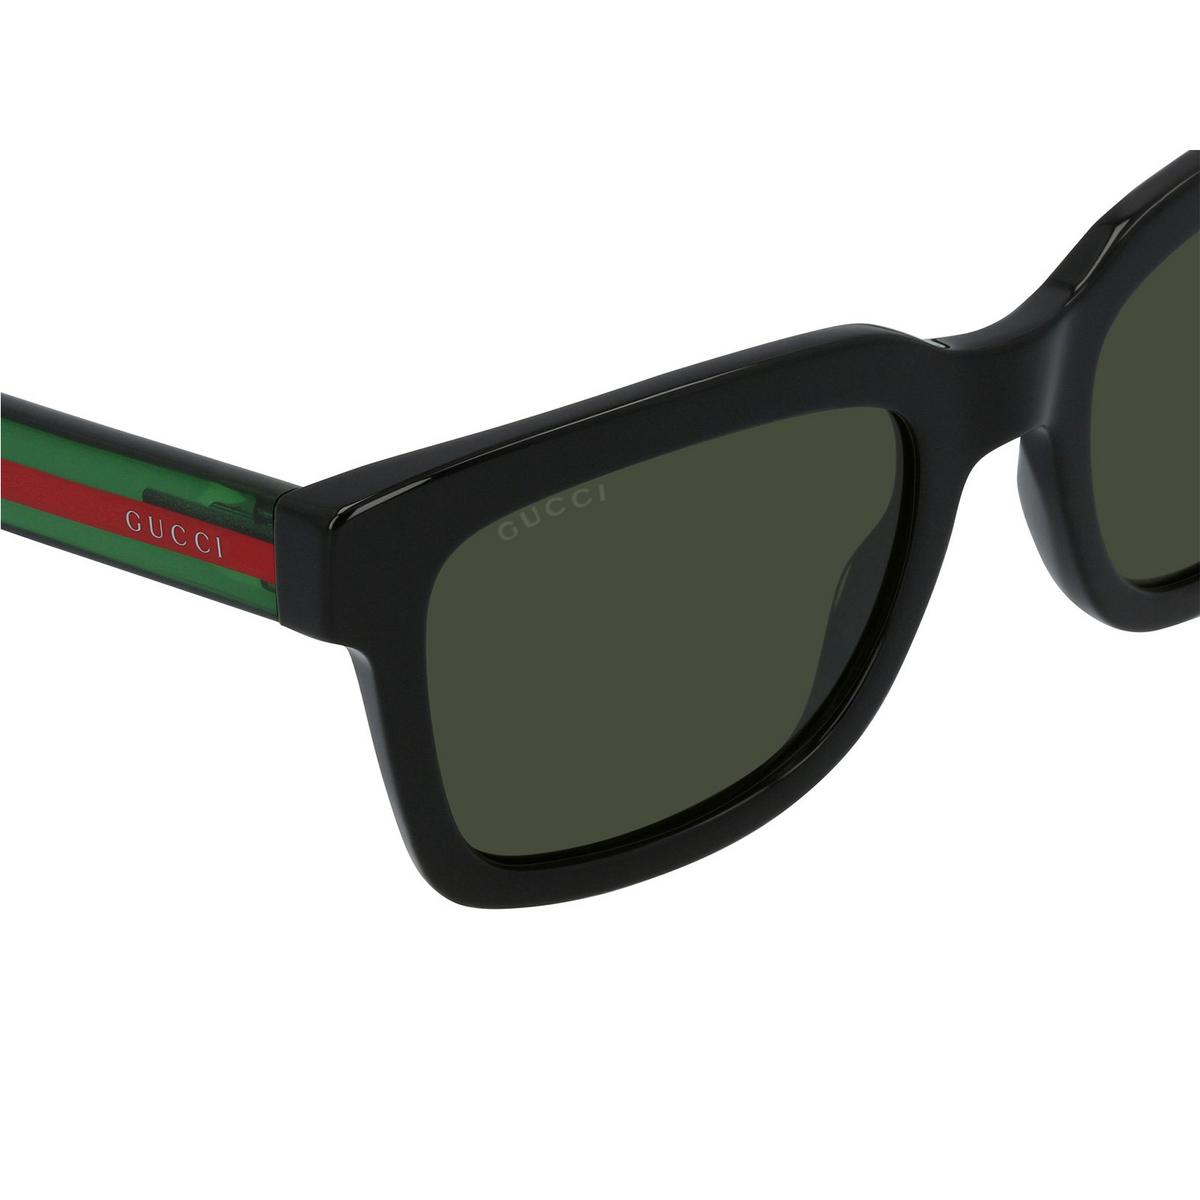 Gucci® Square Sunglasses: GG0001S color Black 001 - 3/3.